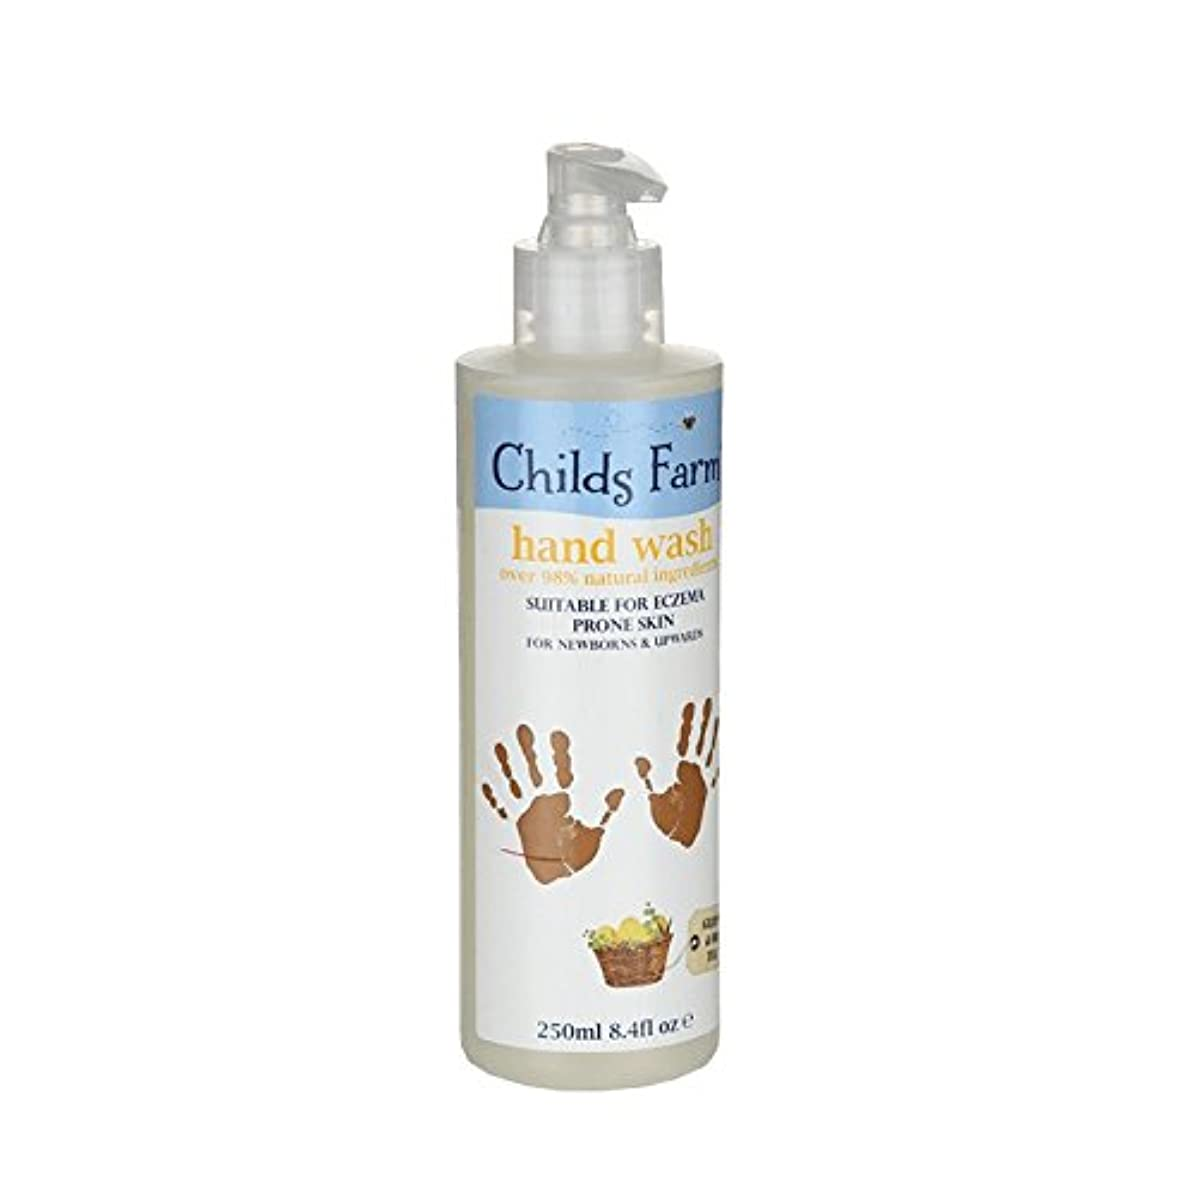 ウェイド素晴らしさ抗議汚いミット250ミリリットルのためのチャイルズファーム手洗い - Childs Farm Hand Wash for Mucky Mitts 250ml (Childs Farm) [並行輸入品]